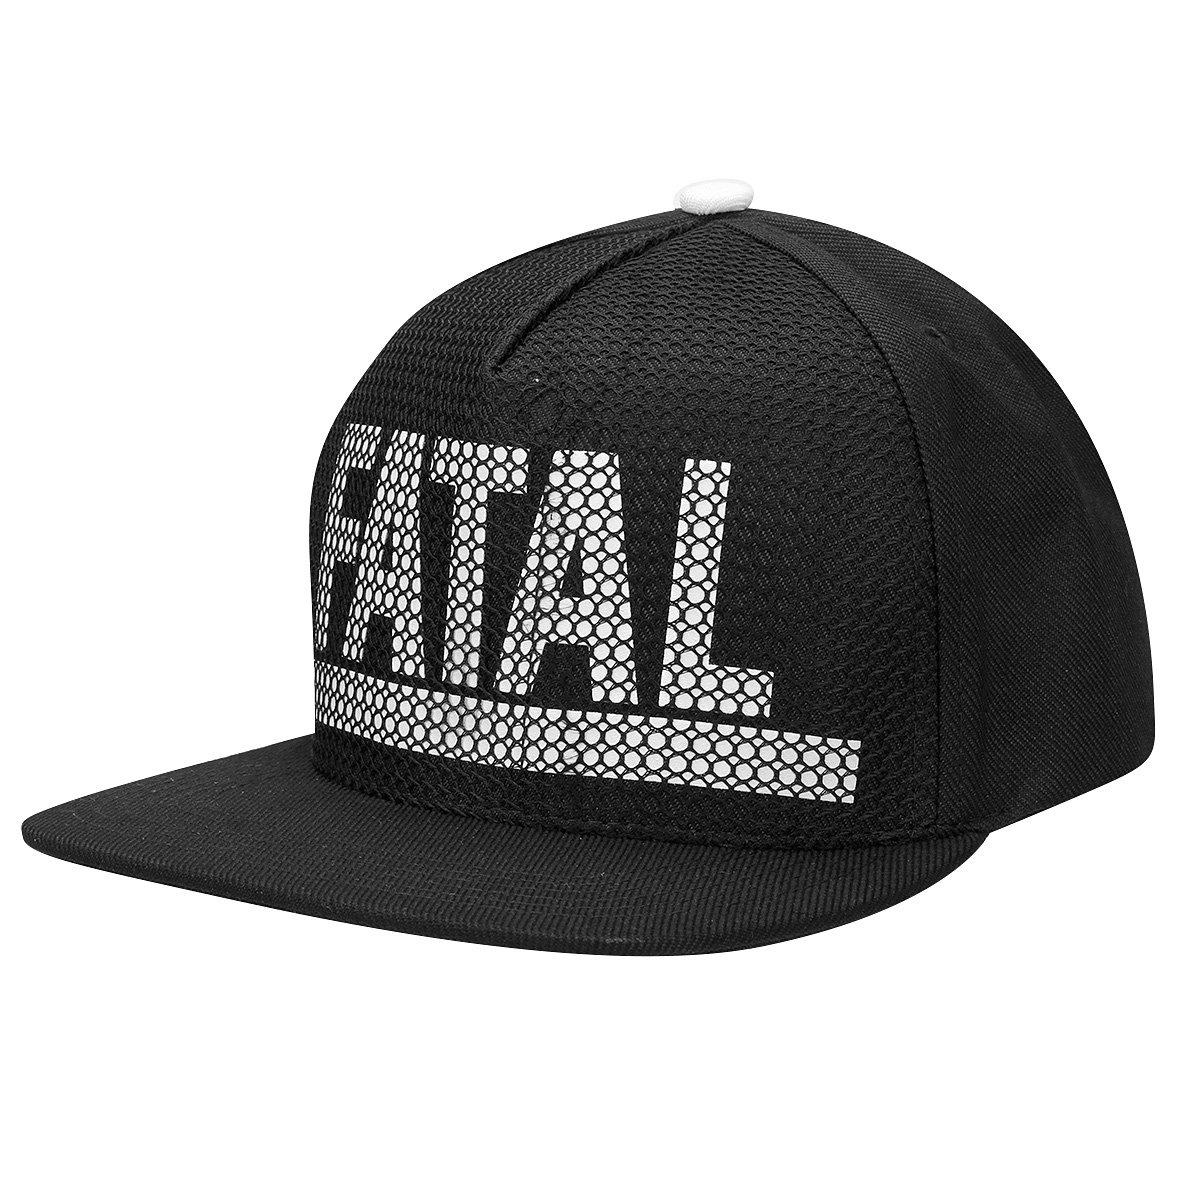 Boné Fatal Aba Reta - Compre Agora  132eddb7684